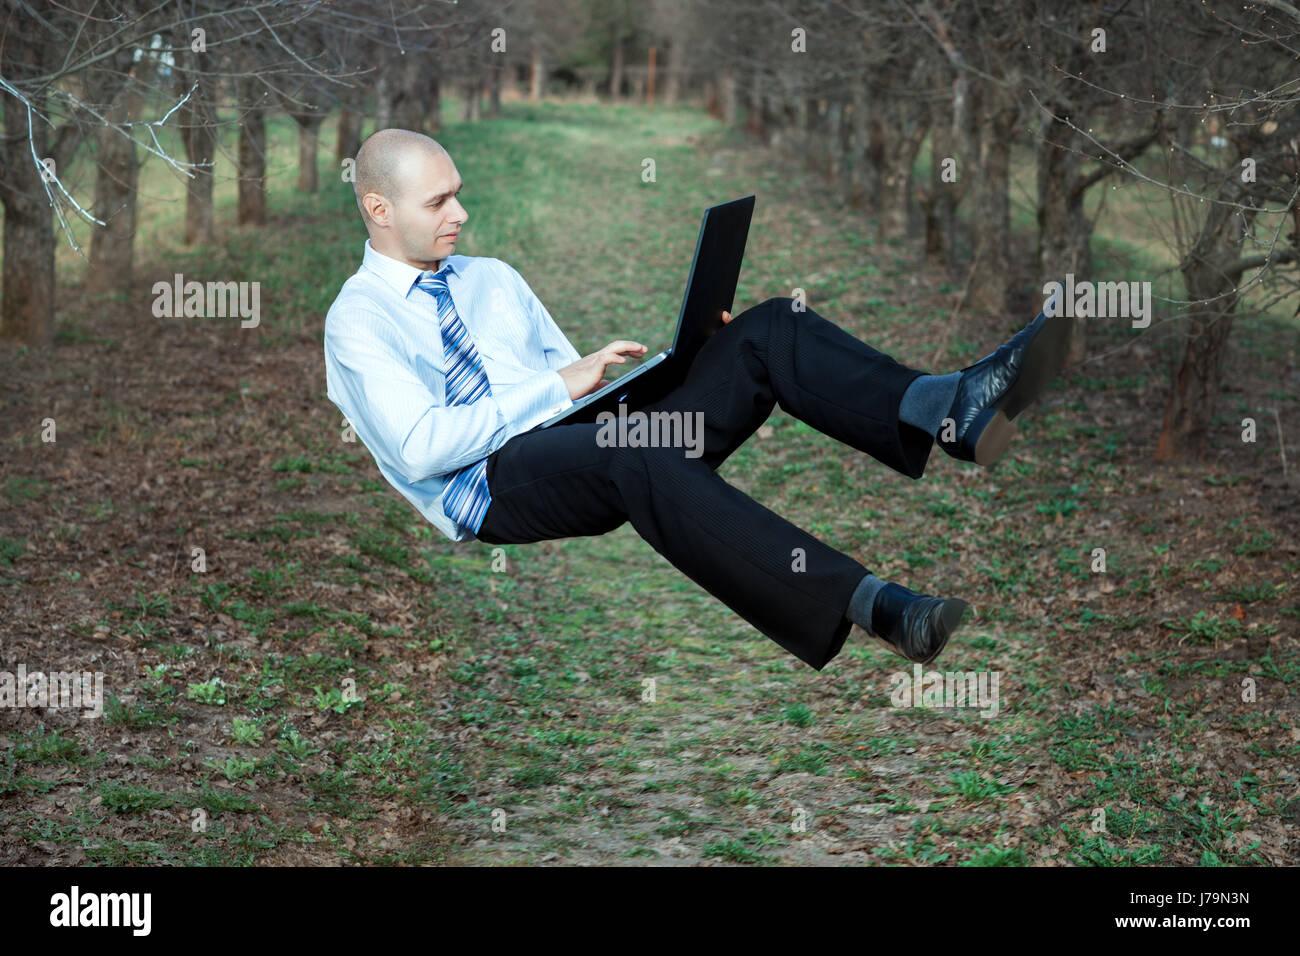 L'homme volant dans l'air. Dans ses mains, il est titulaire d'un ordinateur portable. Photo Stock